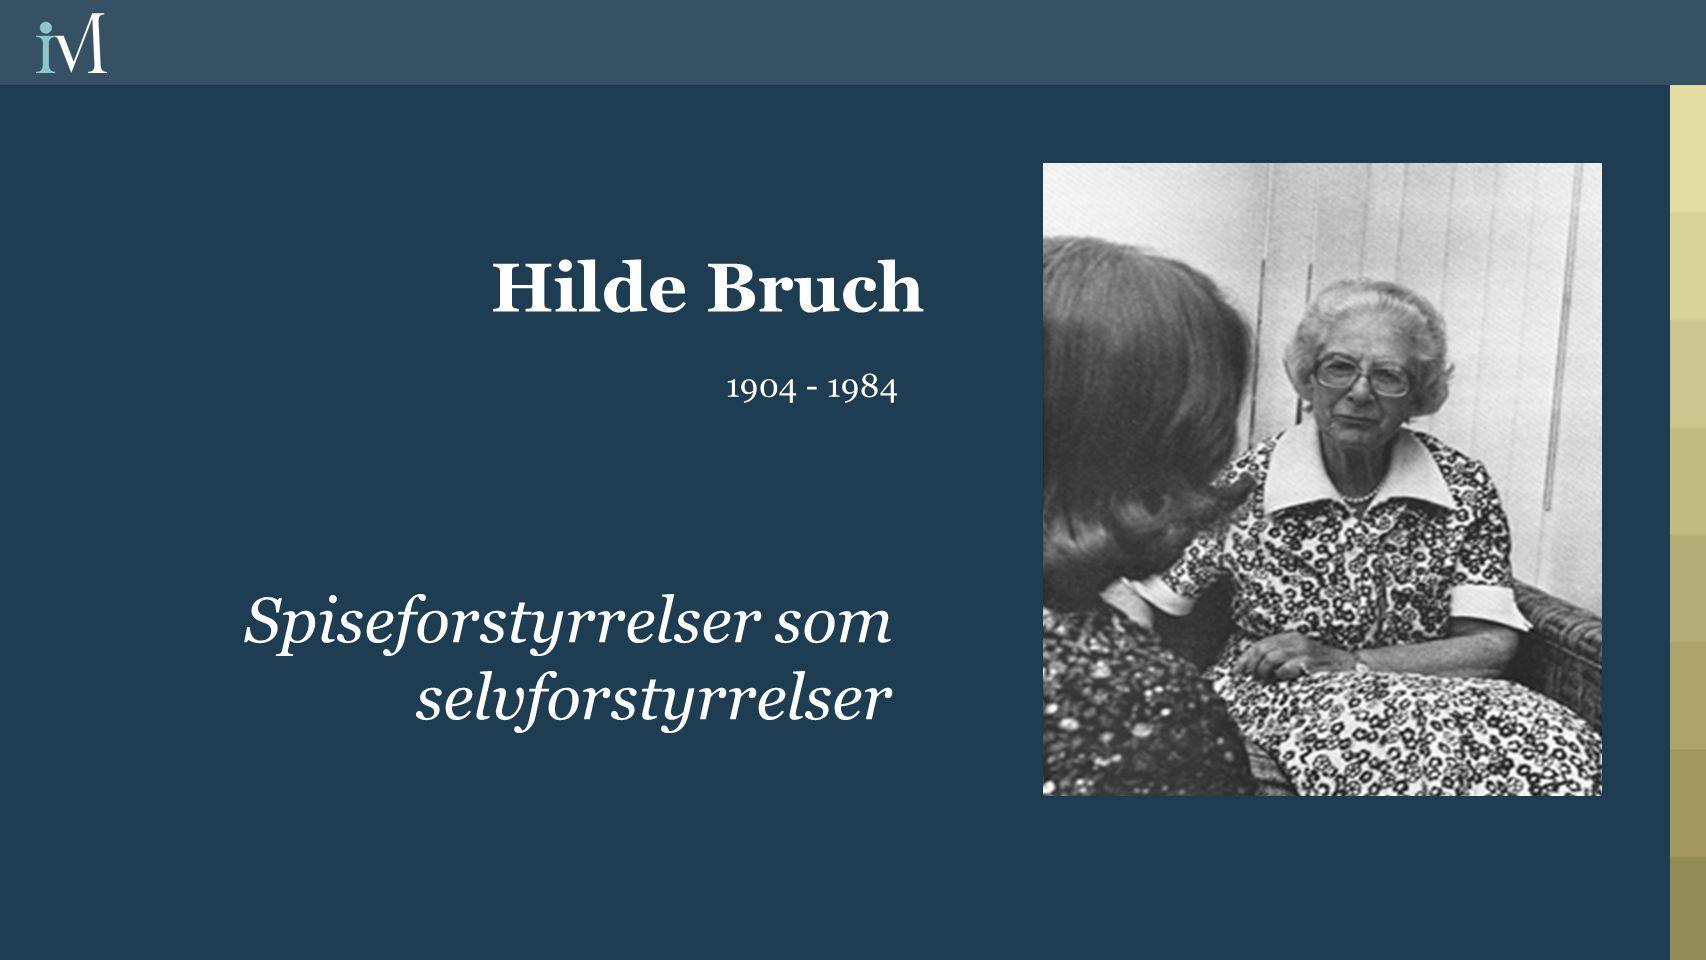 Hilde Bruch Spiseforstyrrelser som selvforstyrrelser 1904 - 1984